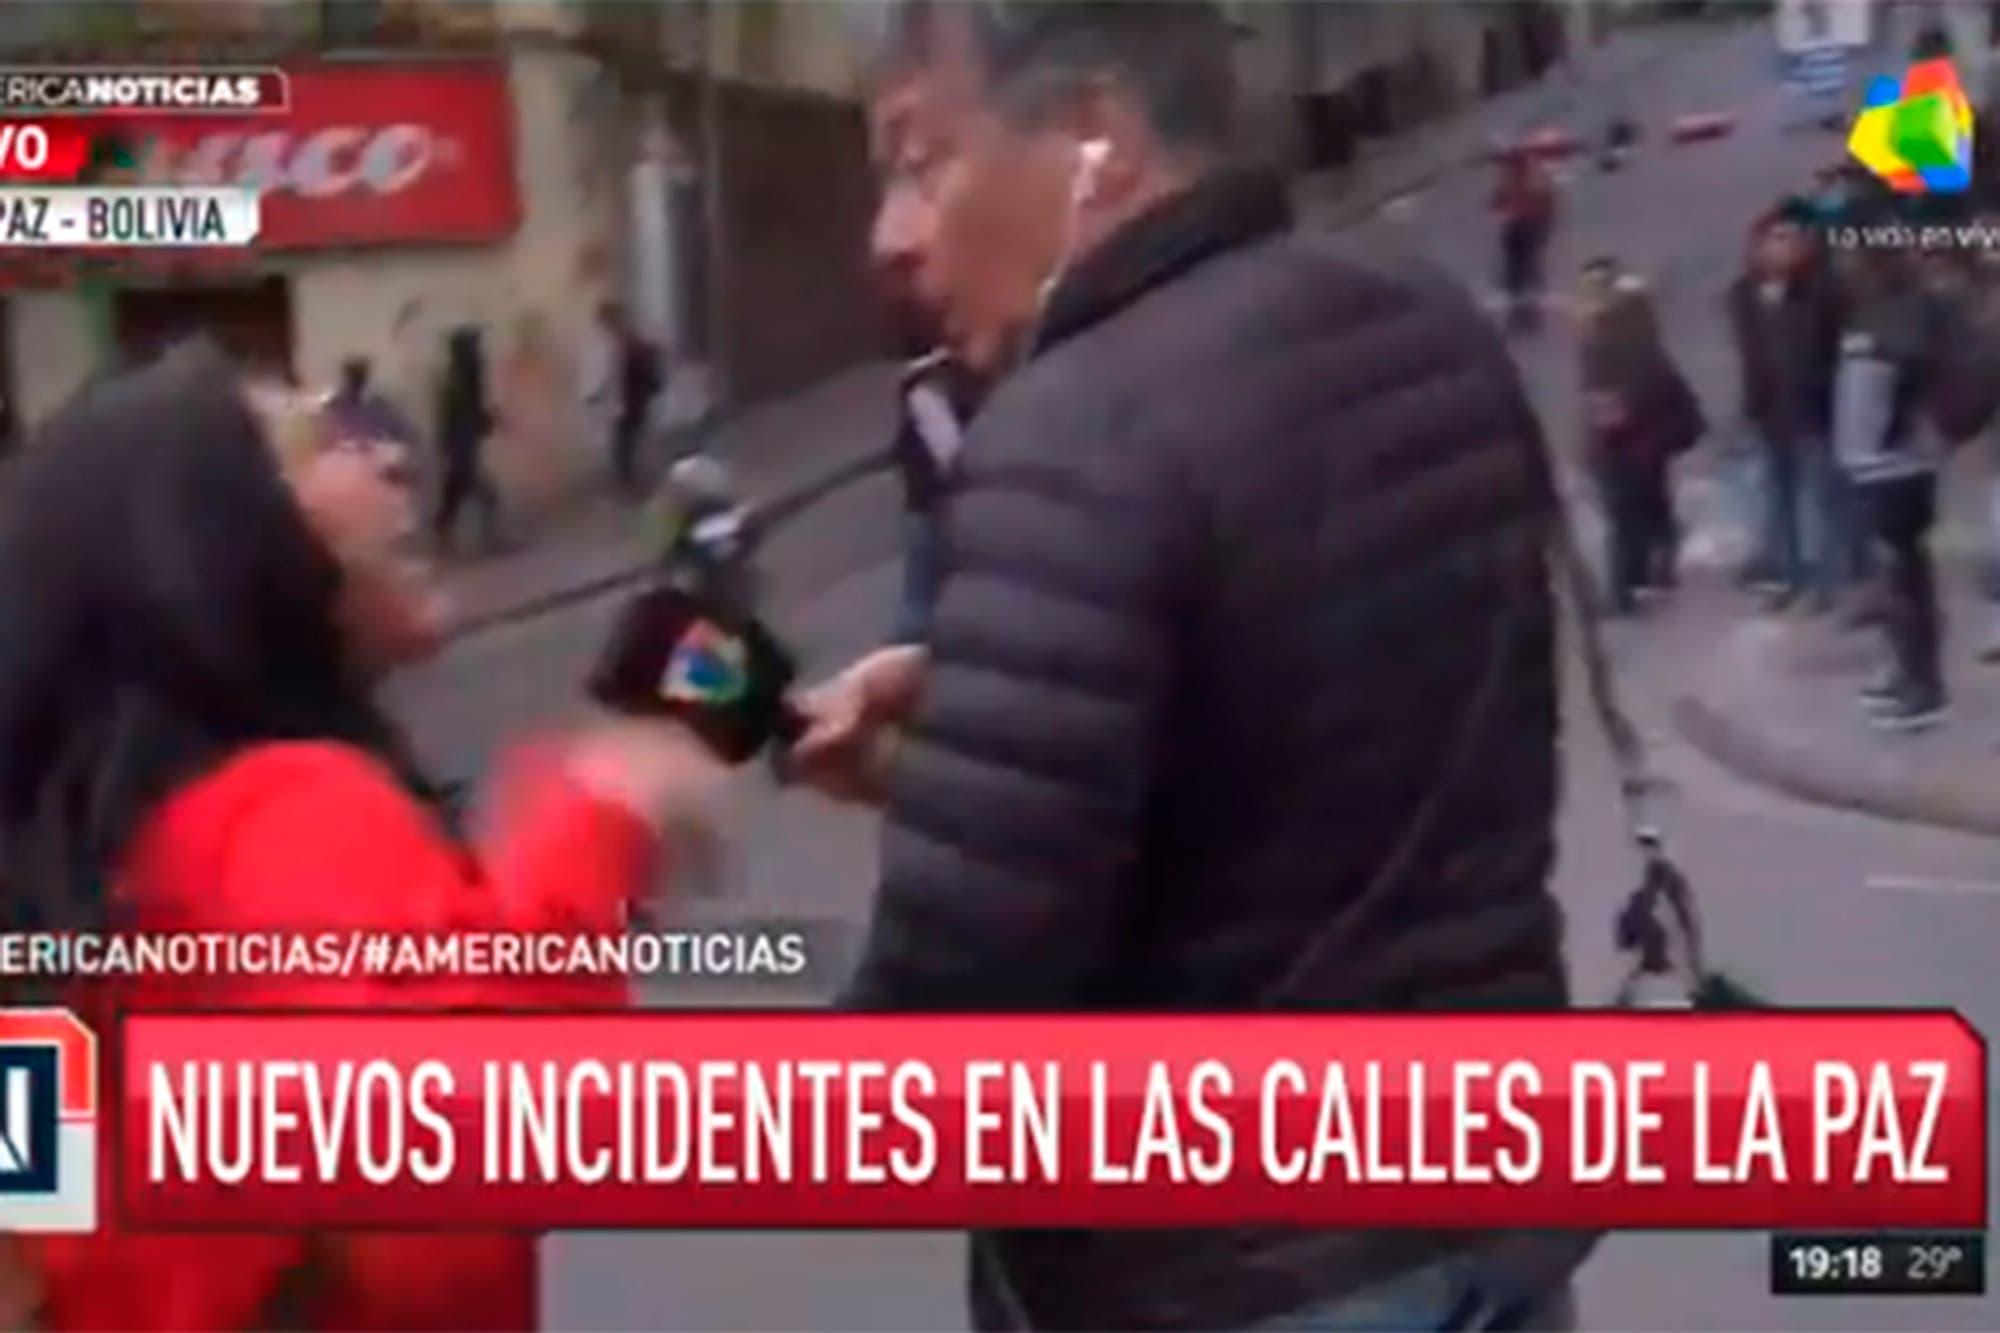 Crisis en Bolivia: Rolando Graña fue agredido mientras salía en vivo desde las calles de La Paz